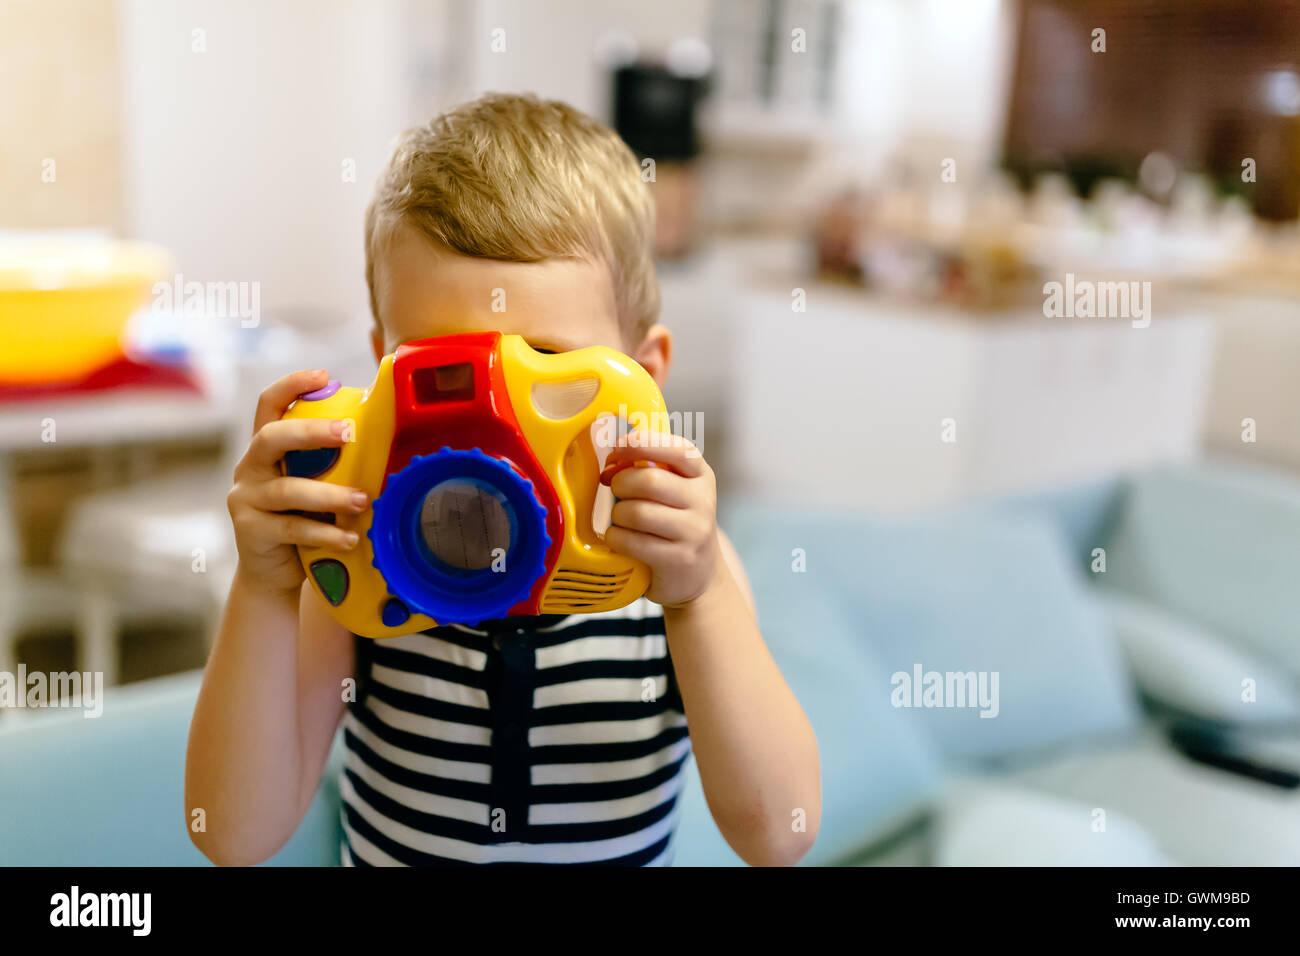 Chico lindo quiere convertirse en fotógrafo Imagen De Stock